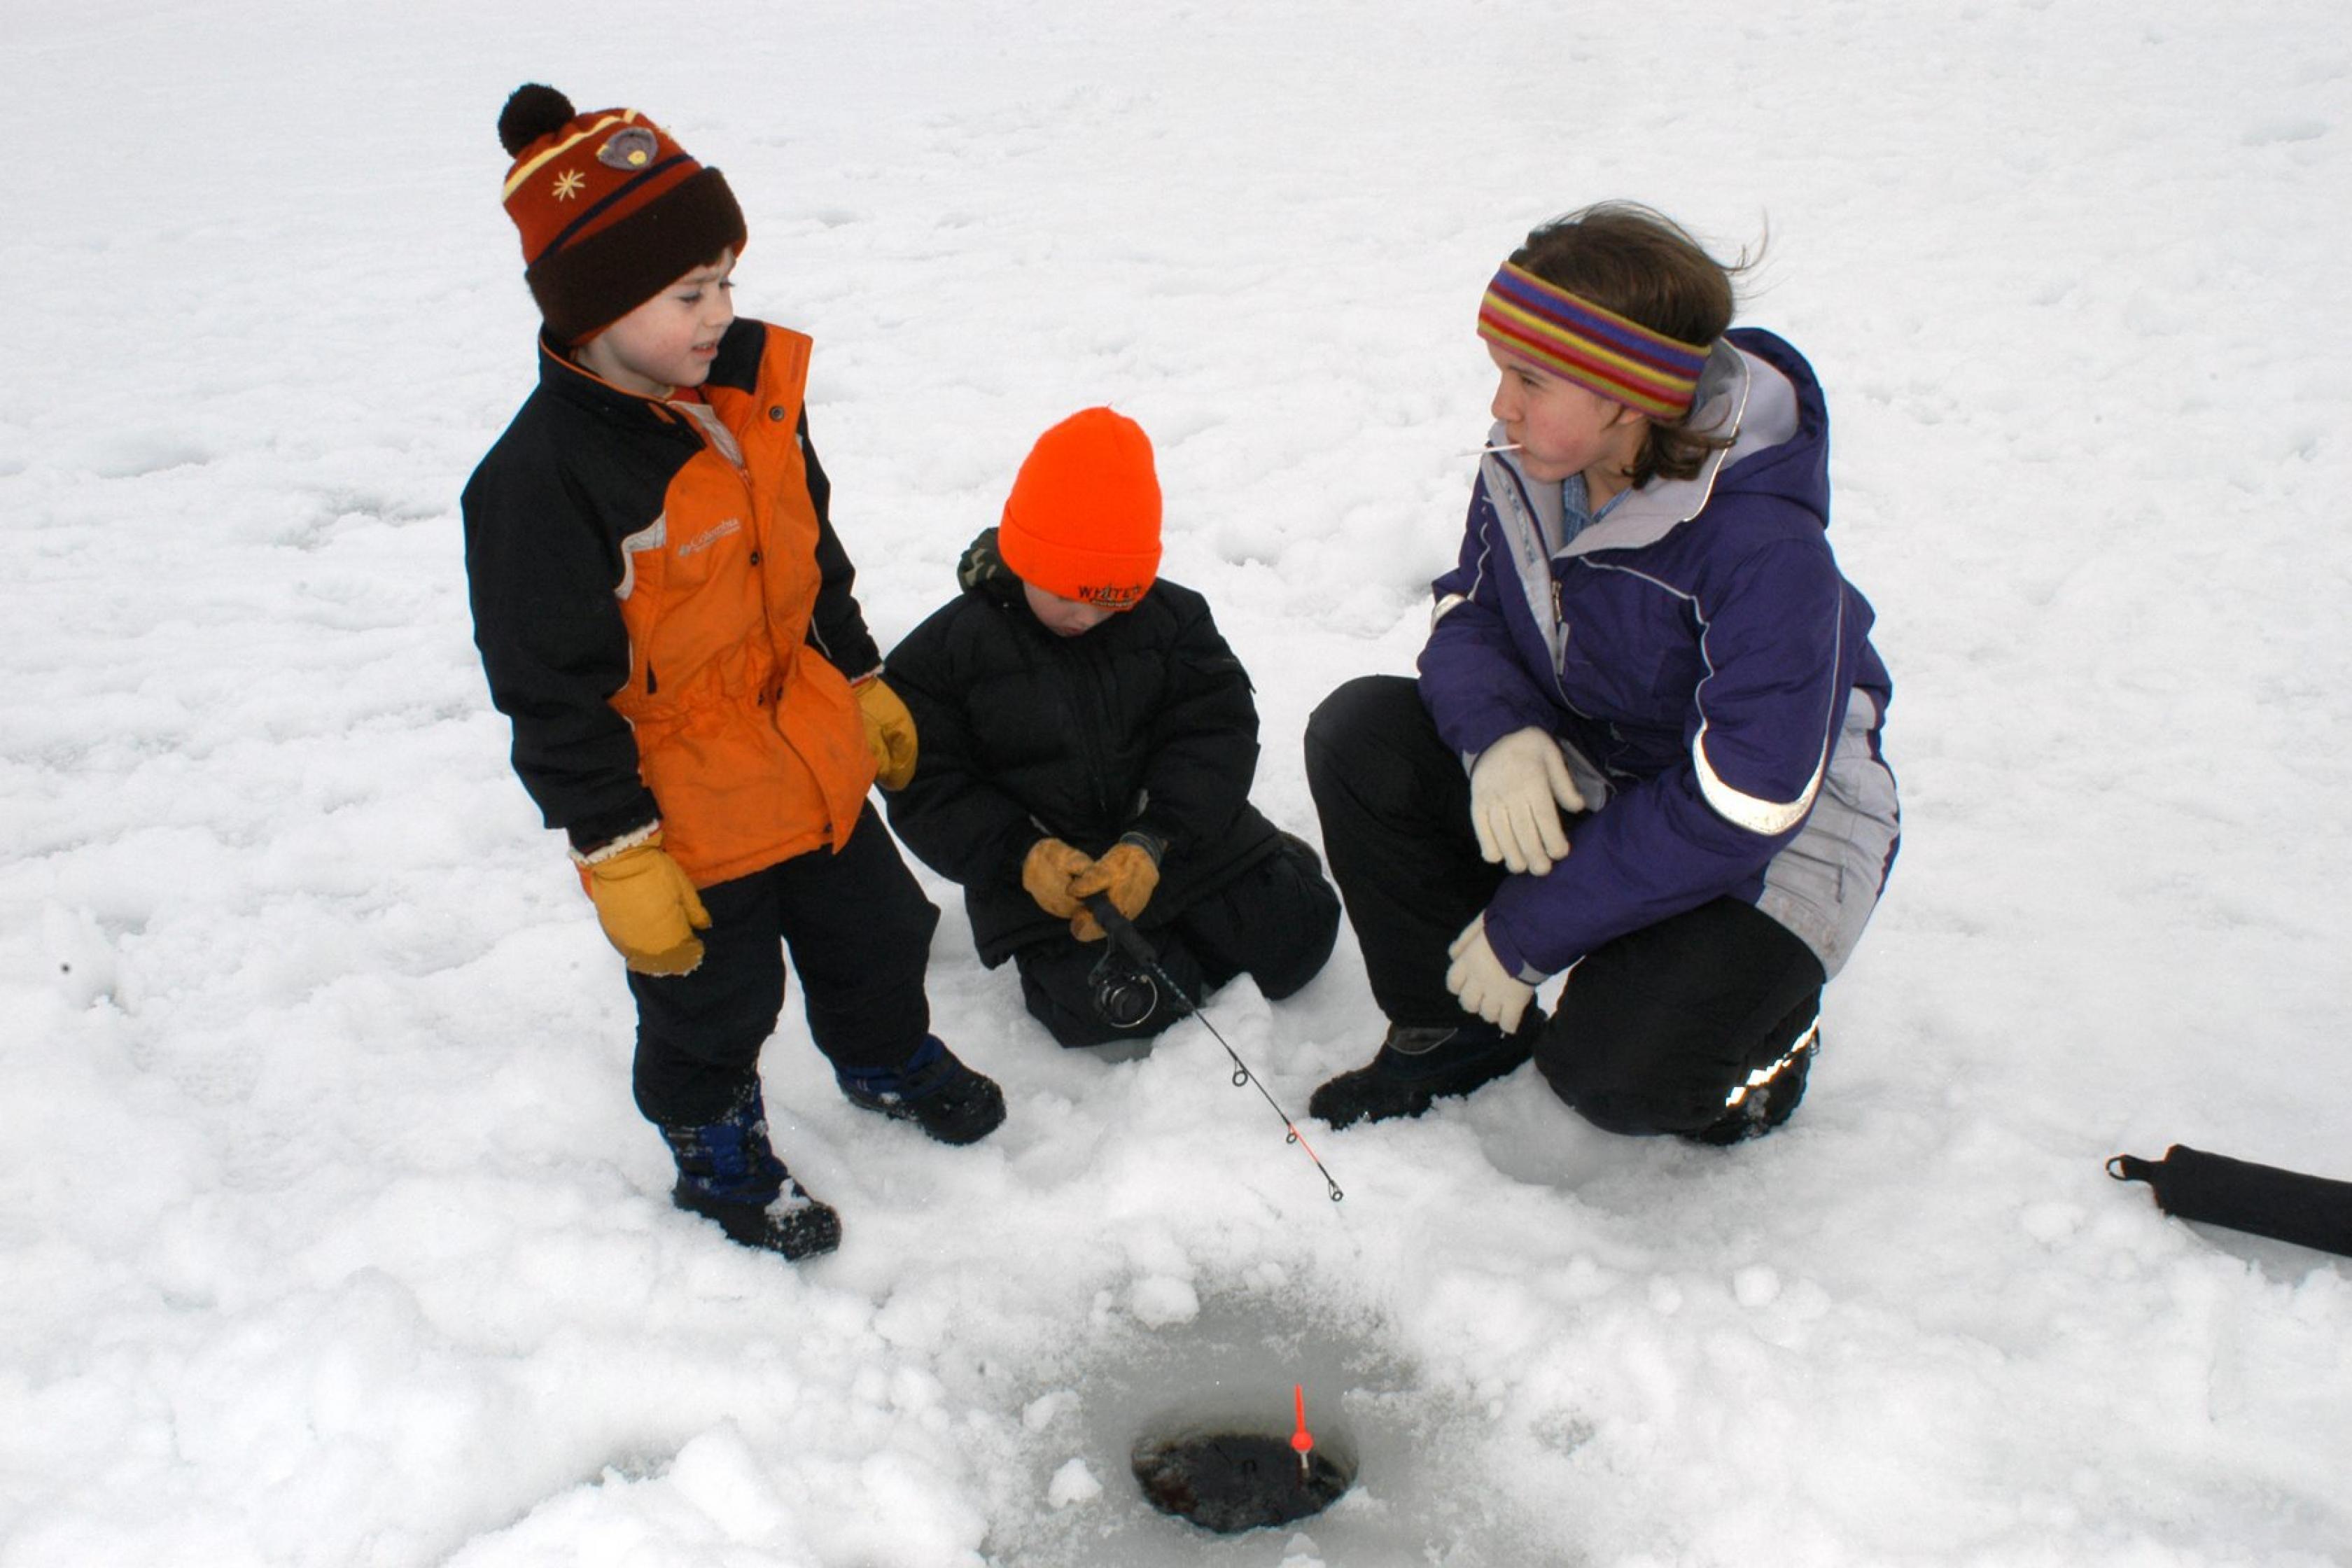 Niños 3 en un hielo cubierto de nieve con una caña de pescar a través de un pequeño agujero en el hielo en el Parque Nacional Voyageurs